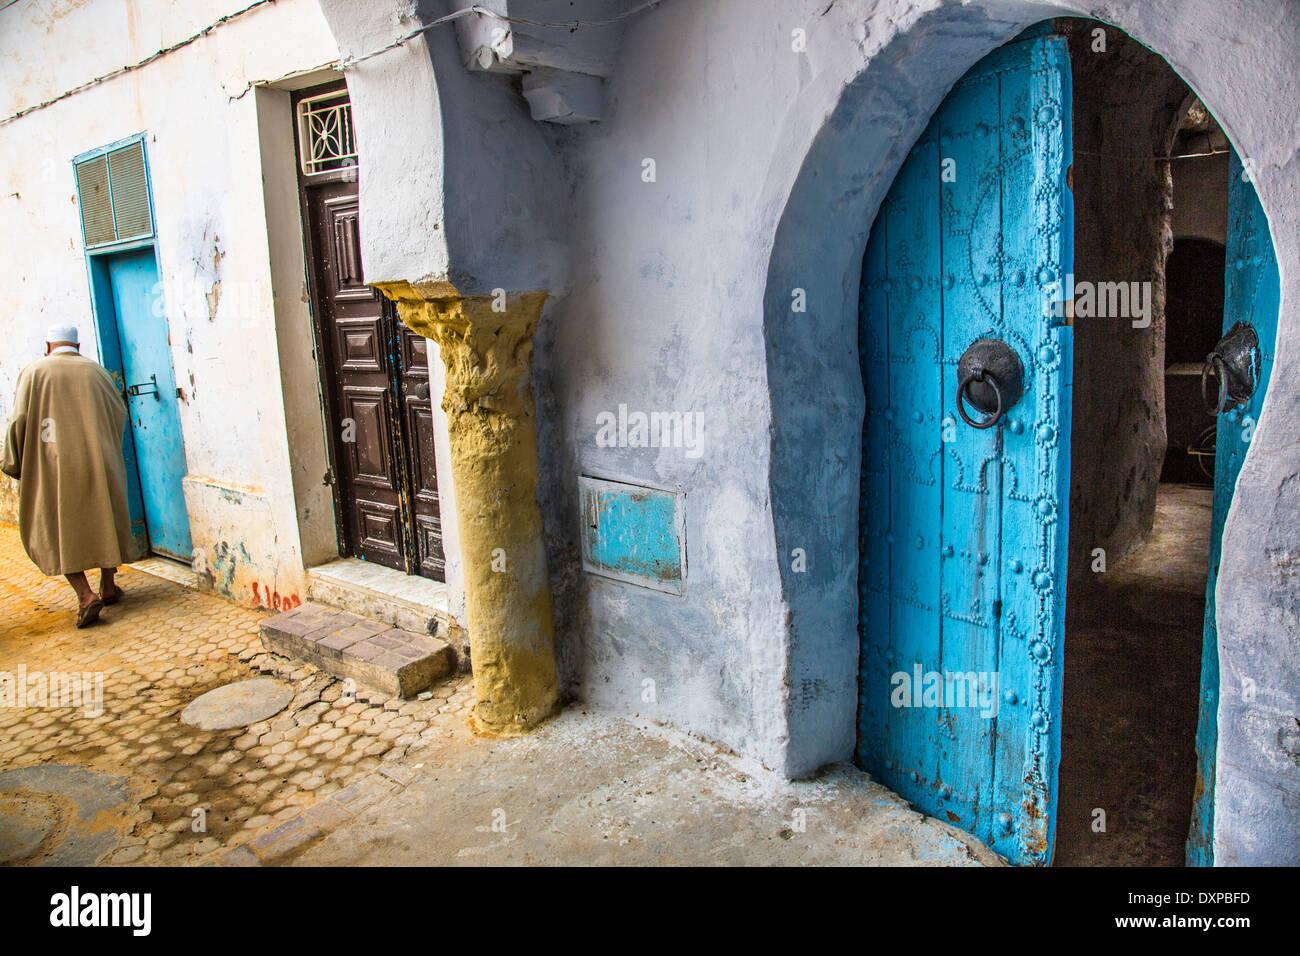 La città vecchia, Kairouan, Tunisia Immagini Stock